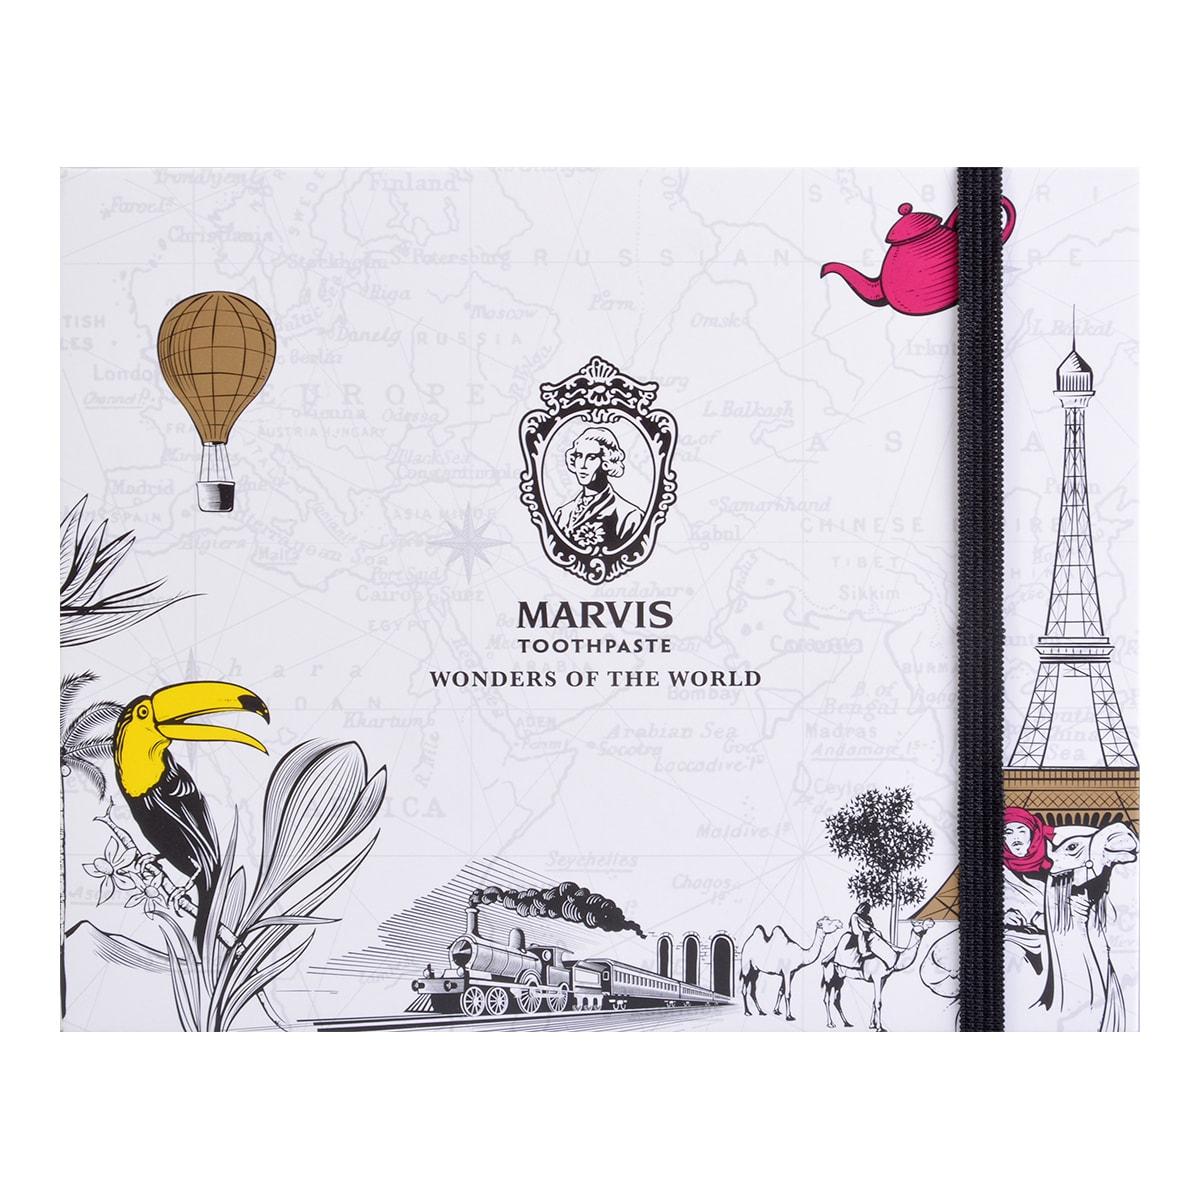 意大利MARVIS玛尔斯 世界奇观主题限量成人牙膏 3件套组 25ml*3